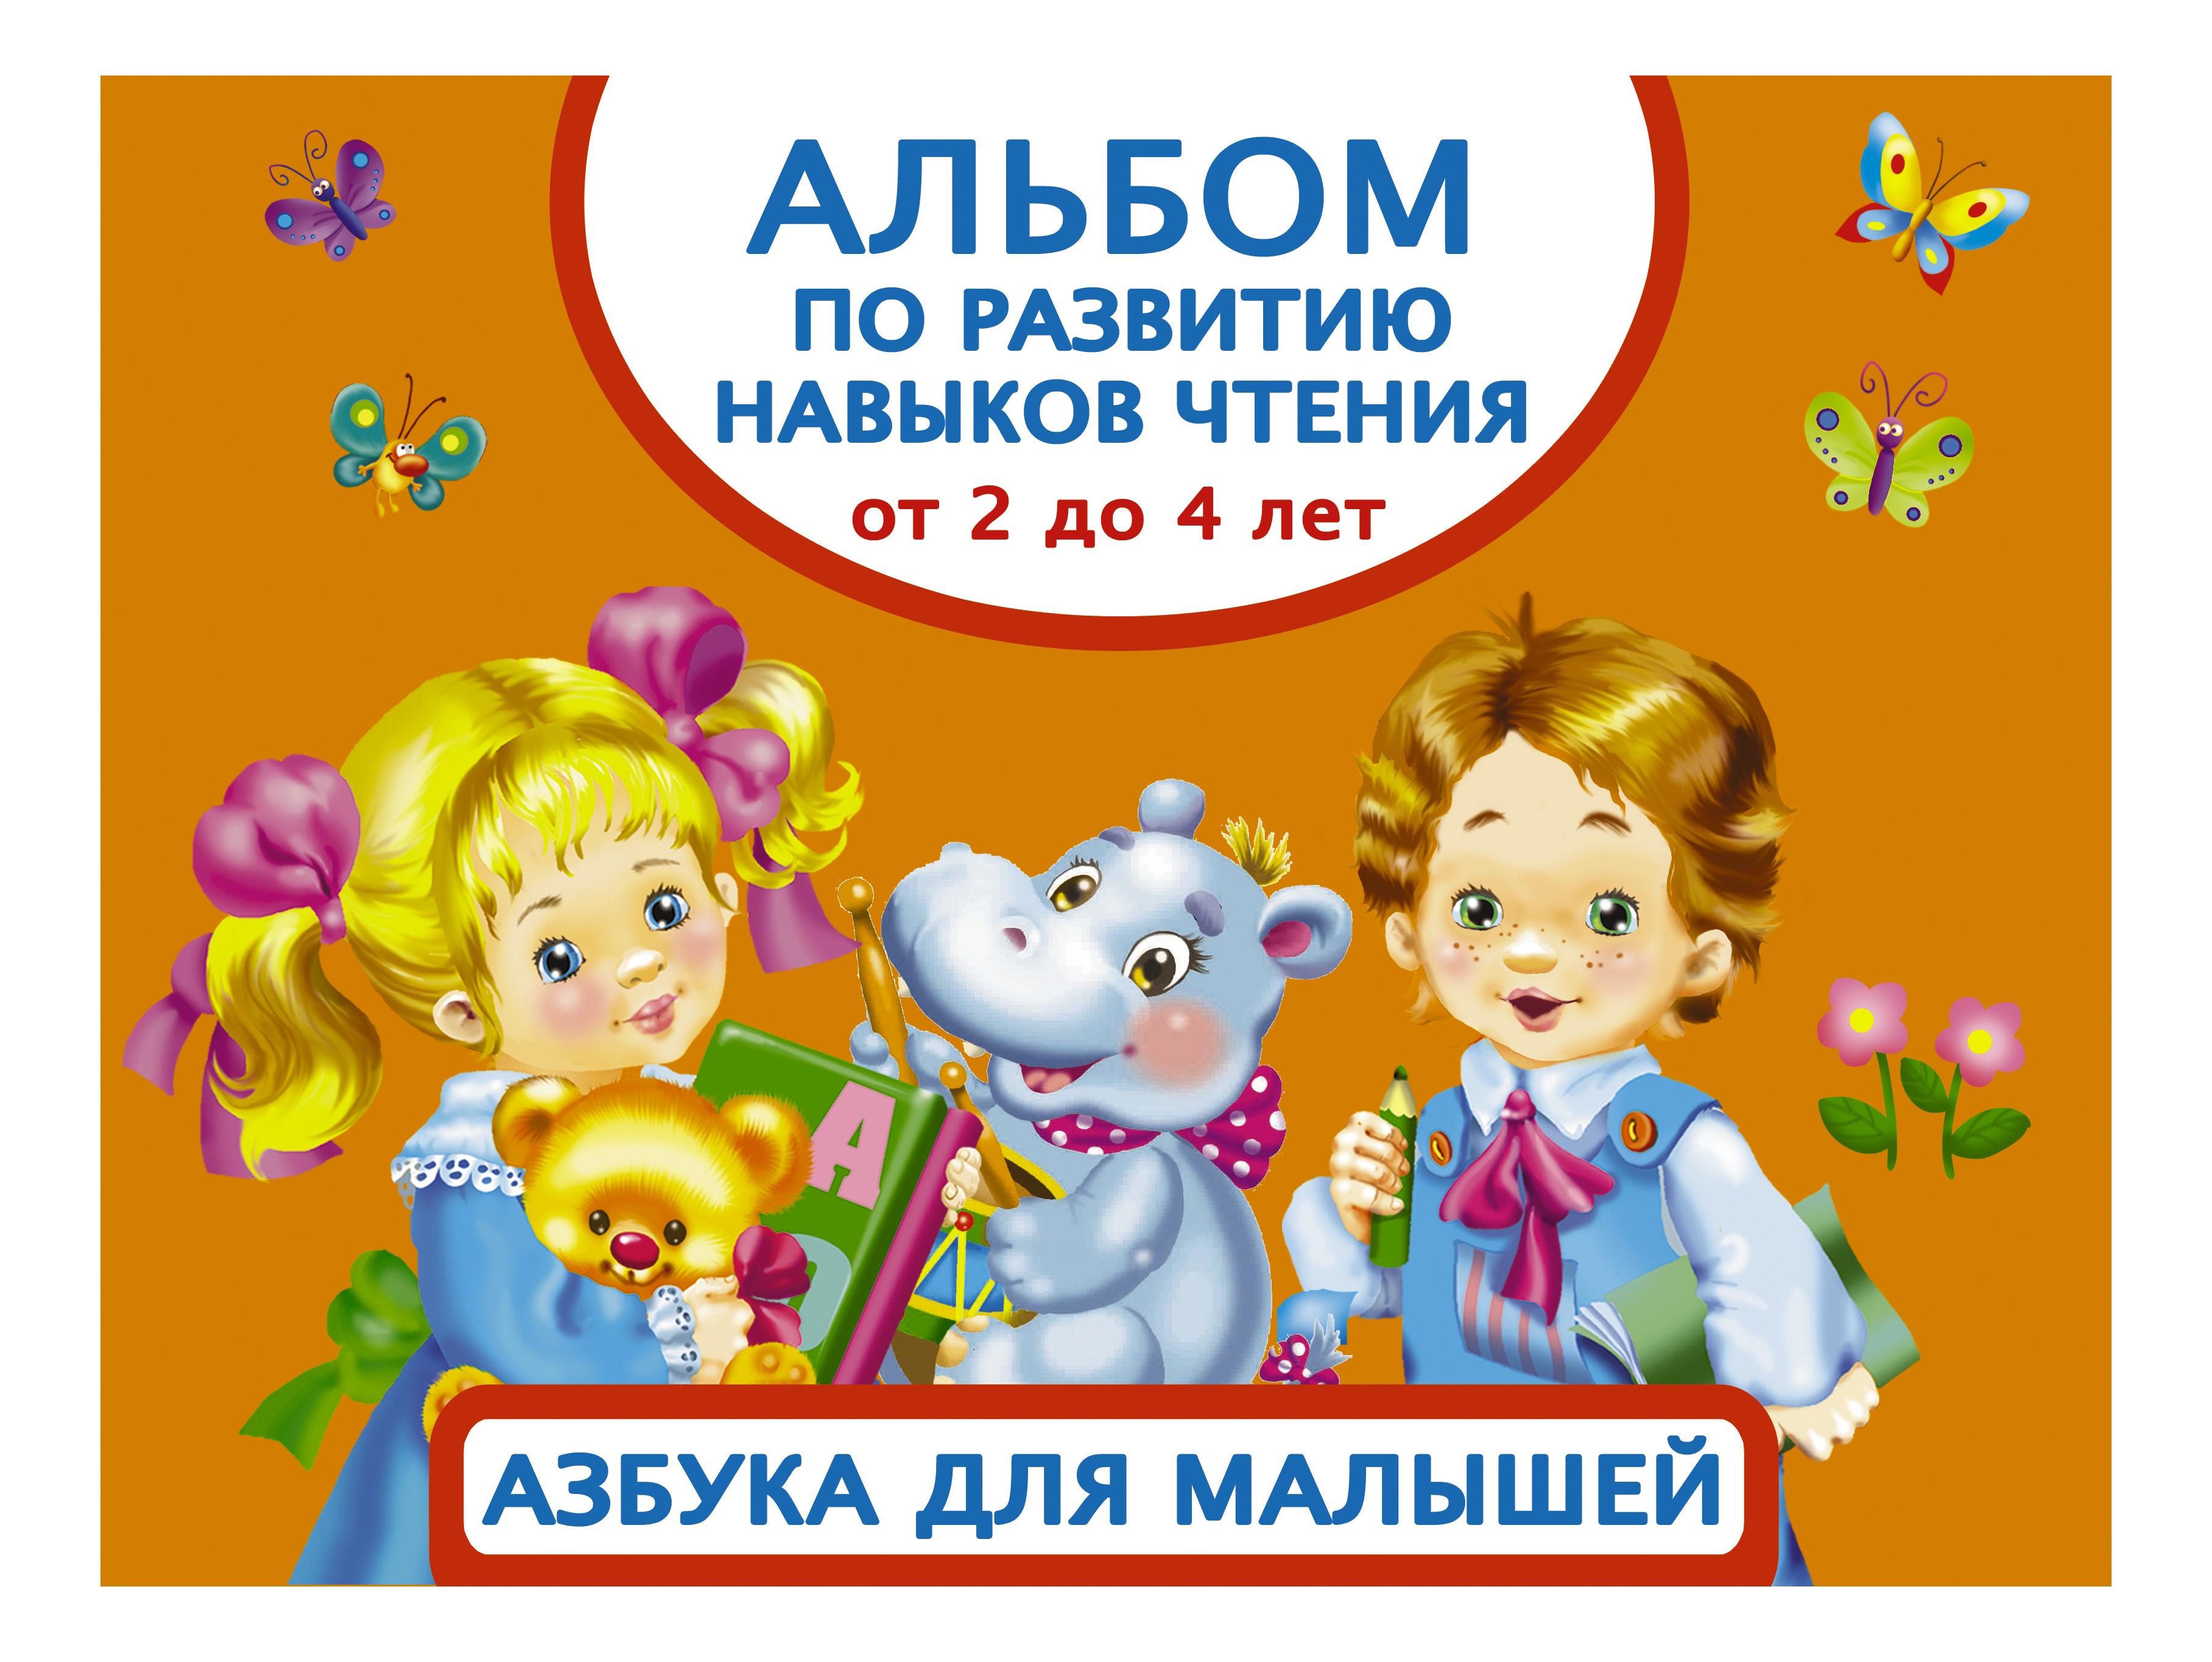 Книжка Аст Альбом по развитию навыков Чтения. Азбука для Малышей. От 2 до 4 лет фото